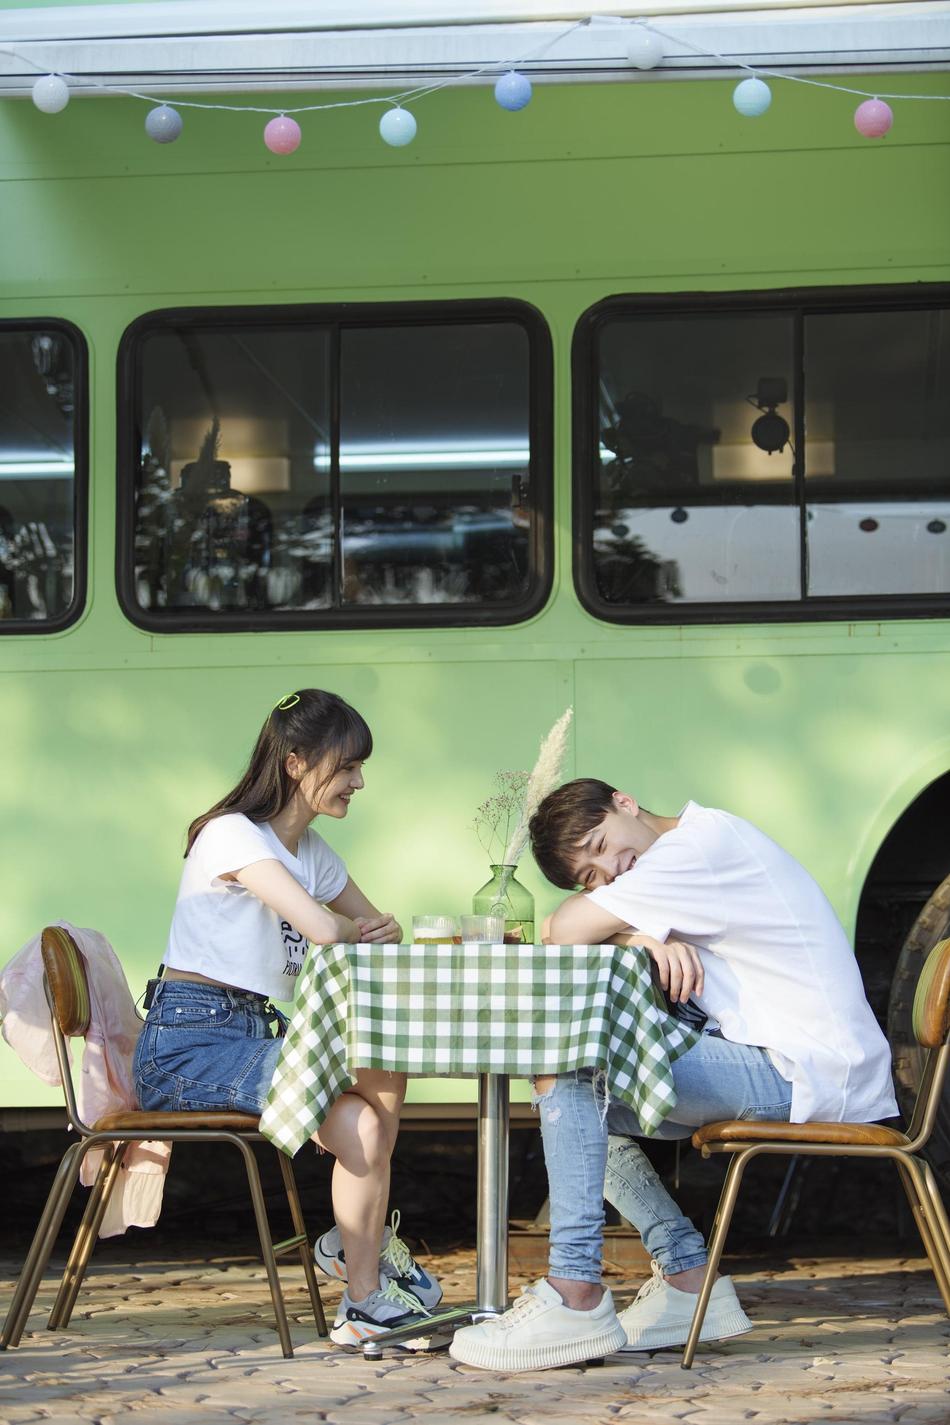 郑爽头绑彩带蝴蝶结甜美可爱 与张恒互喂甜品爱意十足